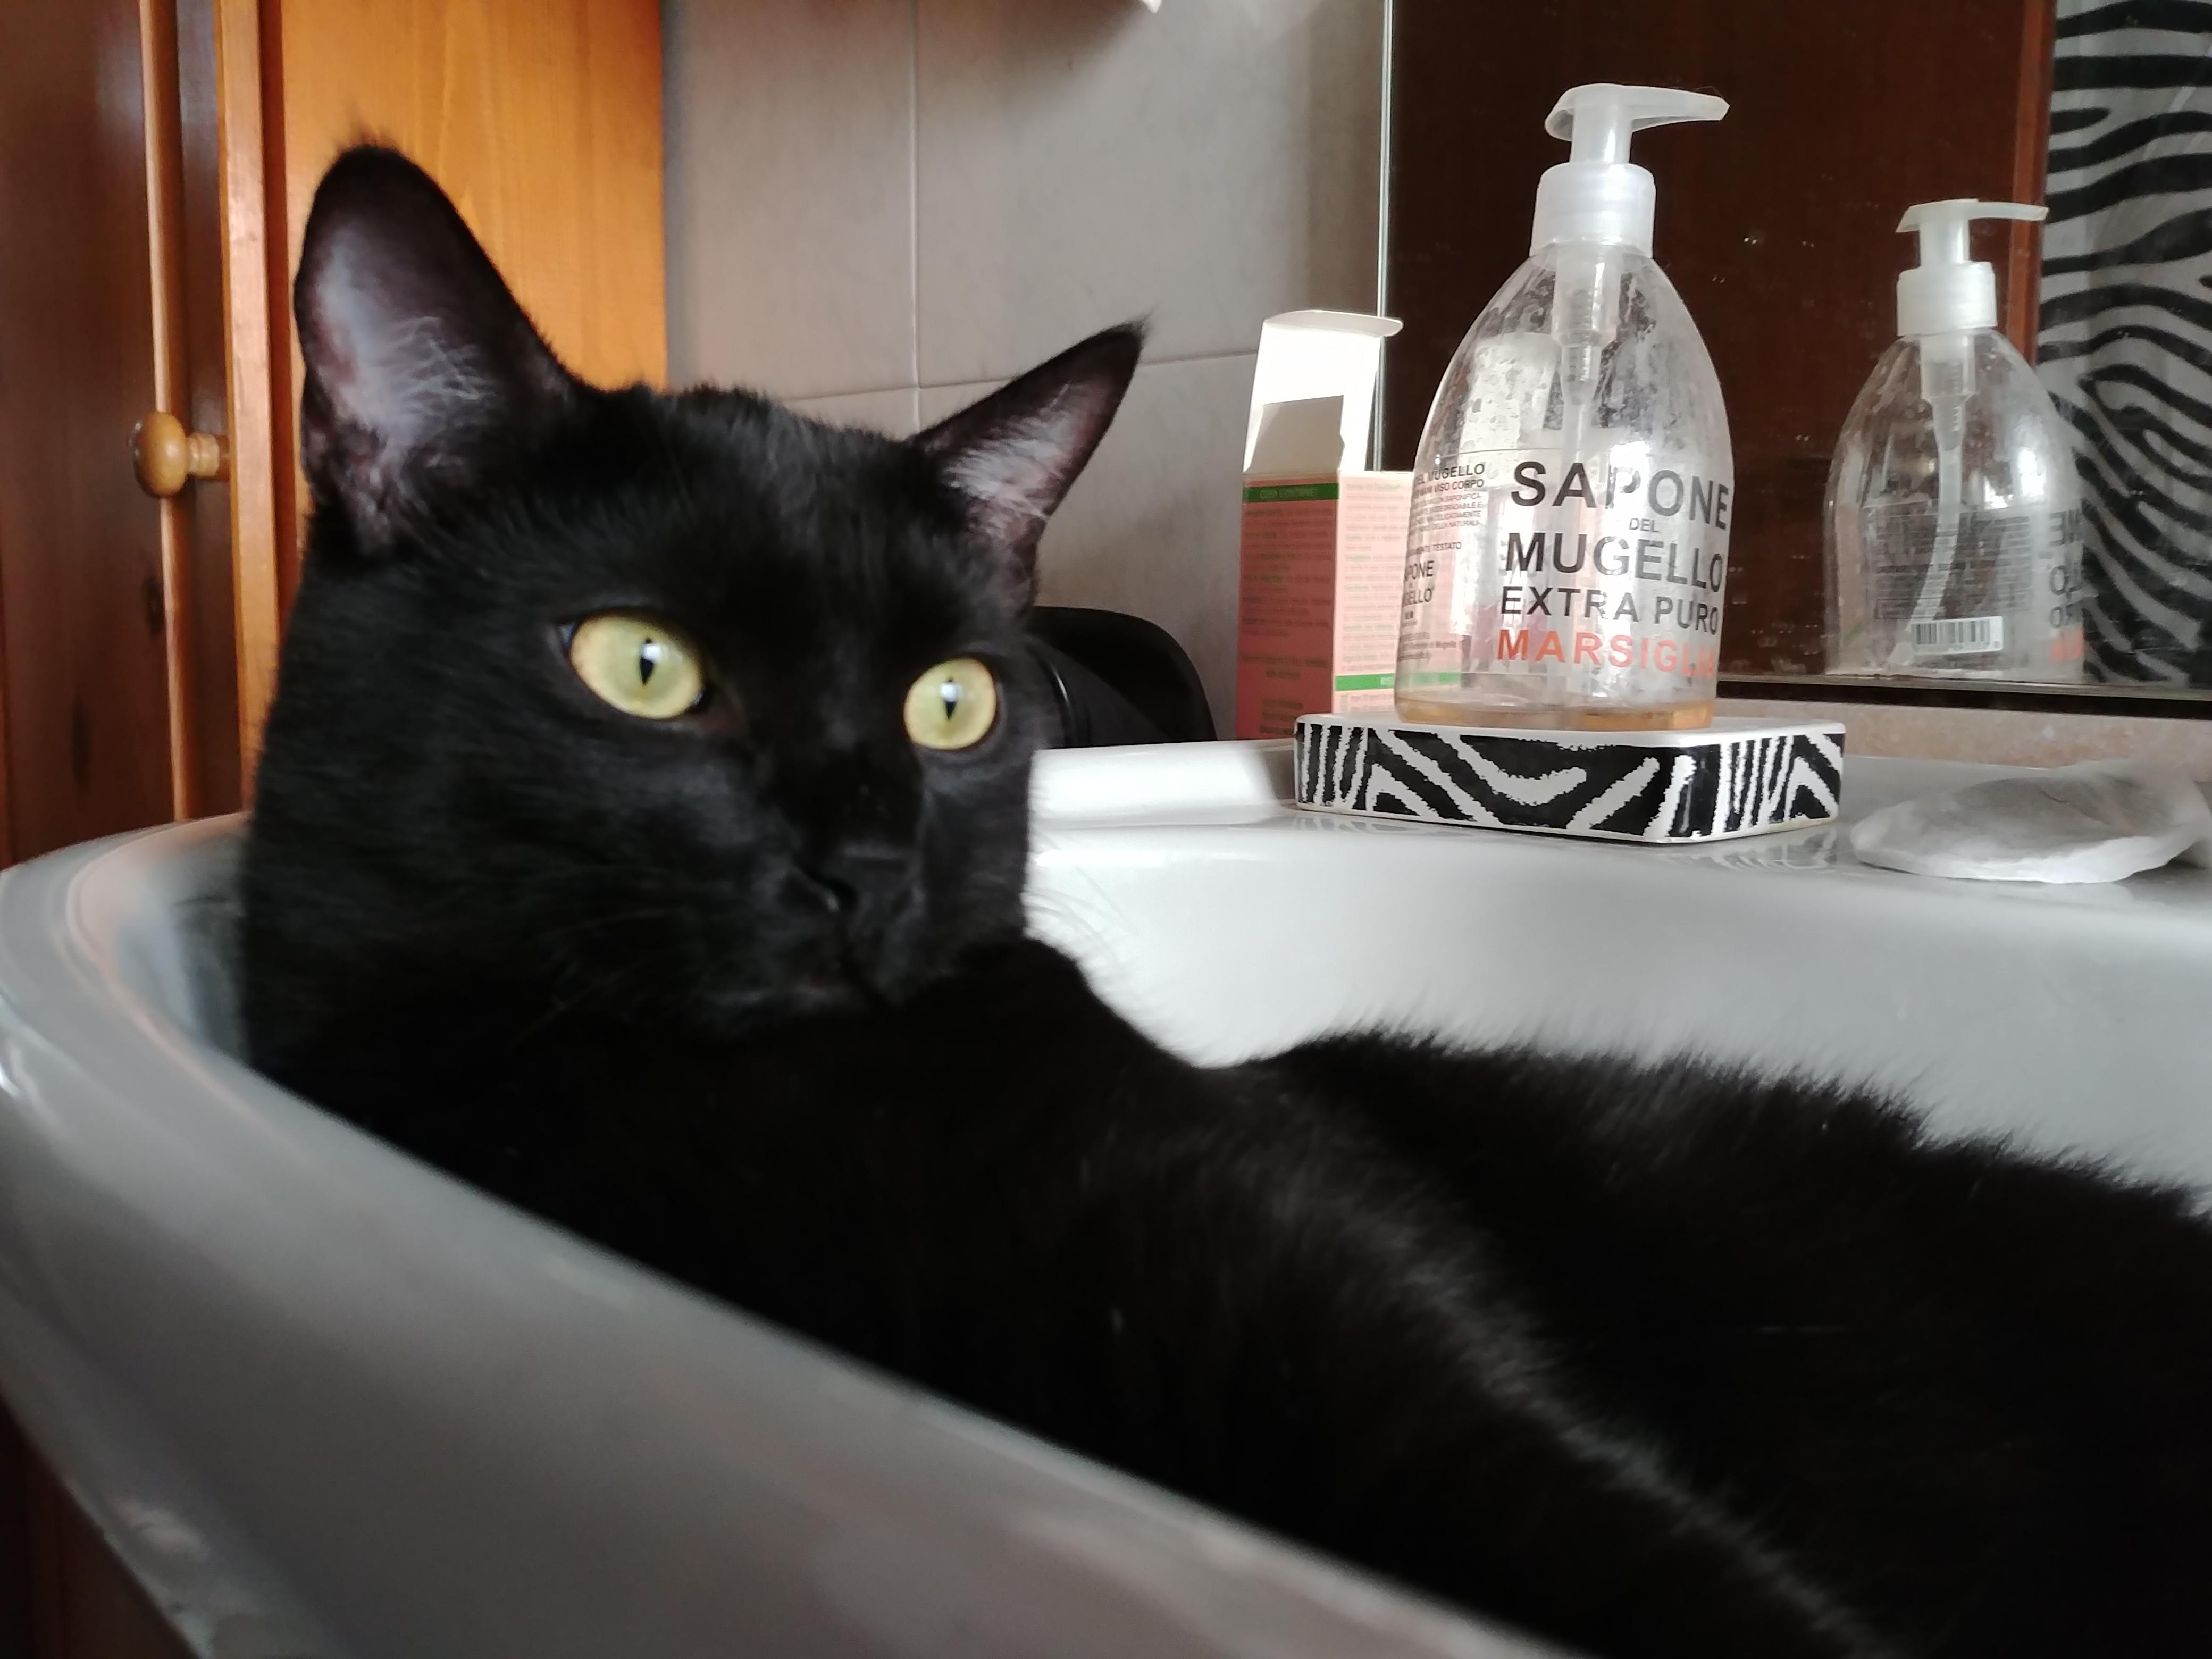 Gatti neri: Trottolo di M. Iovaldi